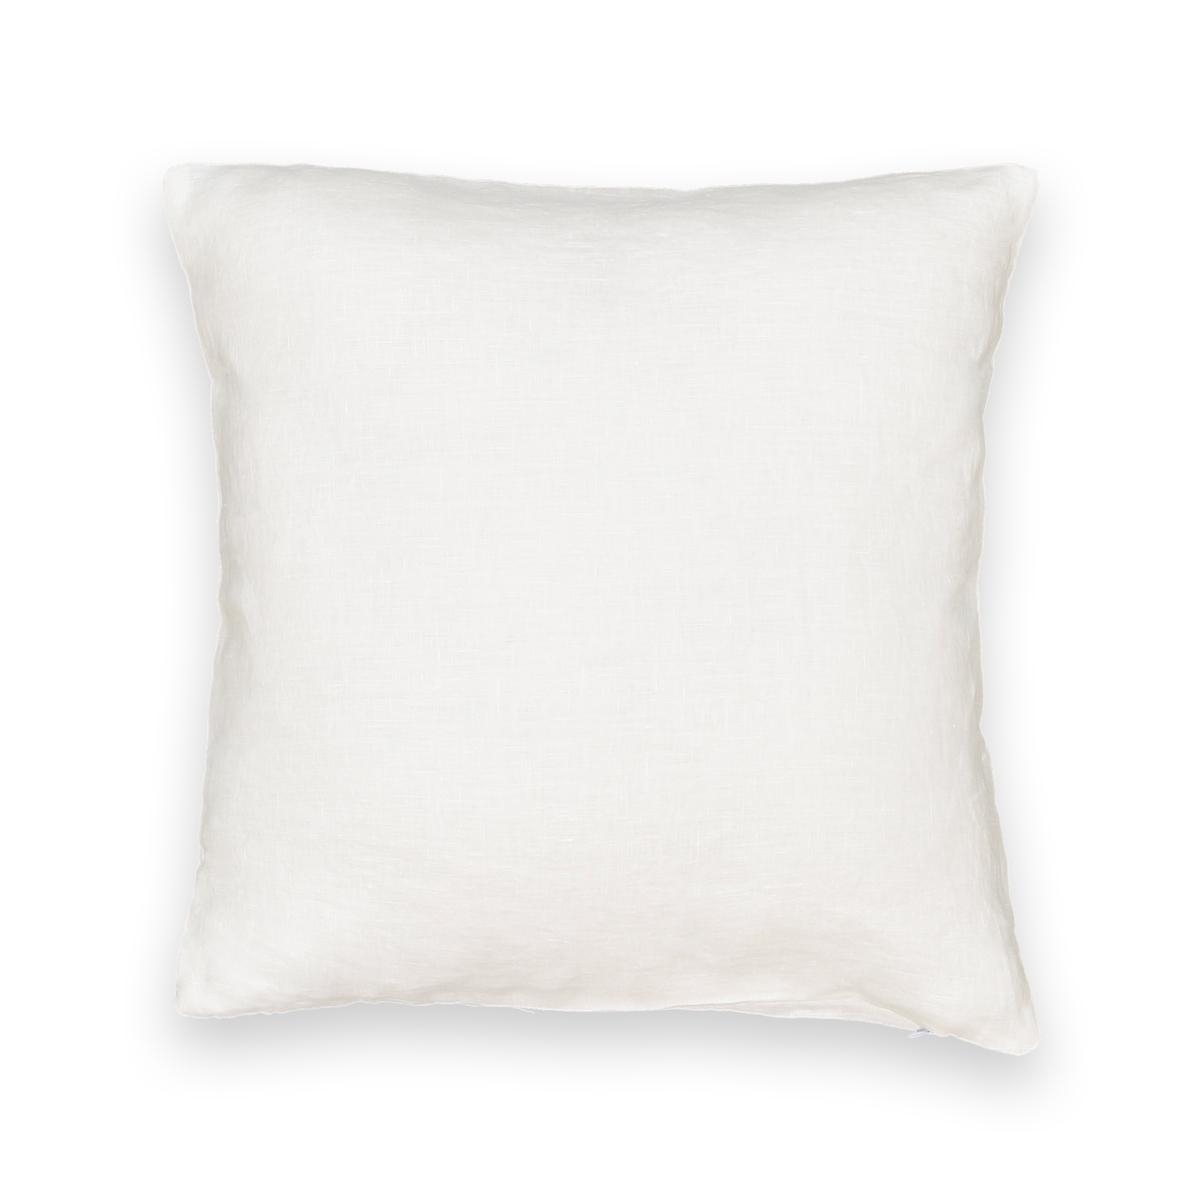 Чехол на подушку-валик из стираного льна, ONEGAКачество BEST, чехол на подушку-валик из стираного льна Onega с легким жатым эффектом.Характеристики чехла на подушку-валик из 100% льна Onega :Качество BEST, требование качества.100% лен.Застежка на молнию.Машинная стирка при 30 °СРазмеры чехла на подушку-валик из 100% льна Onega :40 x 40 см.Найдите подушку Terra на сайте laredoute .ruЗнак Oeko-Tex® гарантирует, что товары прошли проверку и были изготовлены без применения вредных для здоровья человека веществ.<br><br>Цвет: антрацит,белый,бледный сине-зеленый,зеленый,охра,прусский синий,розовая пудра,серо-бежевый,терракота